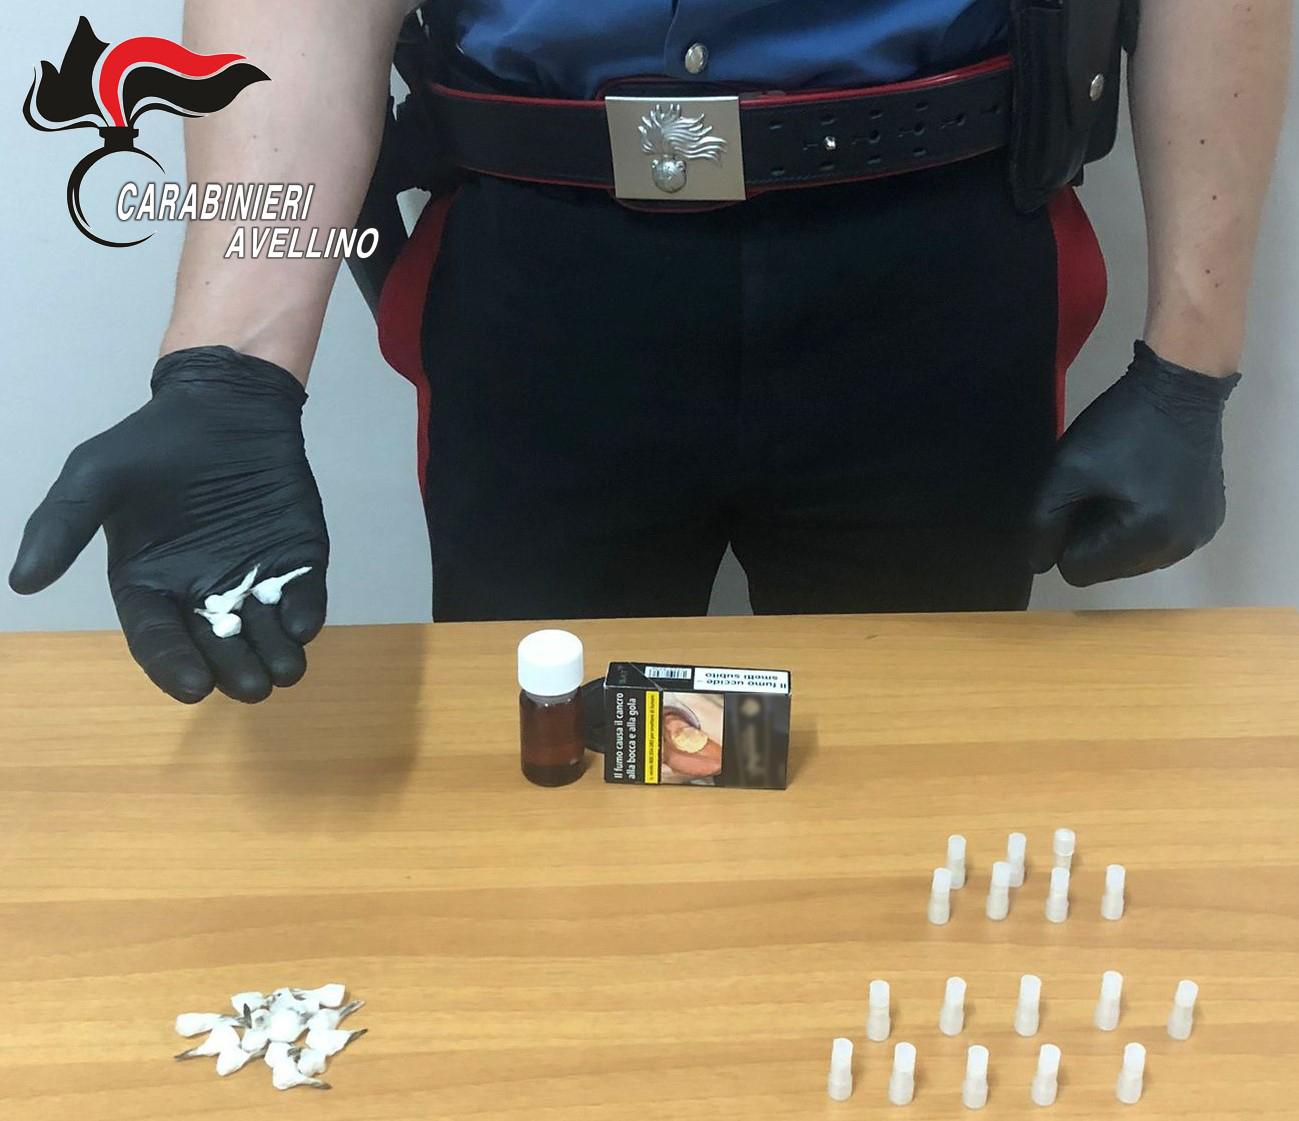 Lioni| Trovato in possesso di eroina, crack e metadone: 27enne ai domiciliari